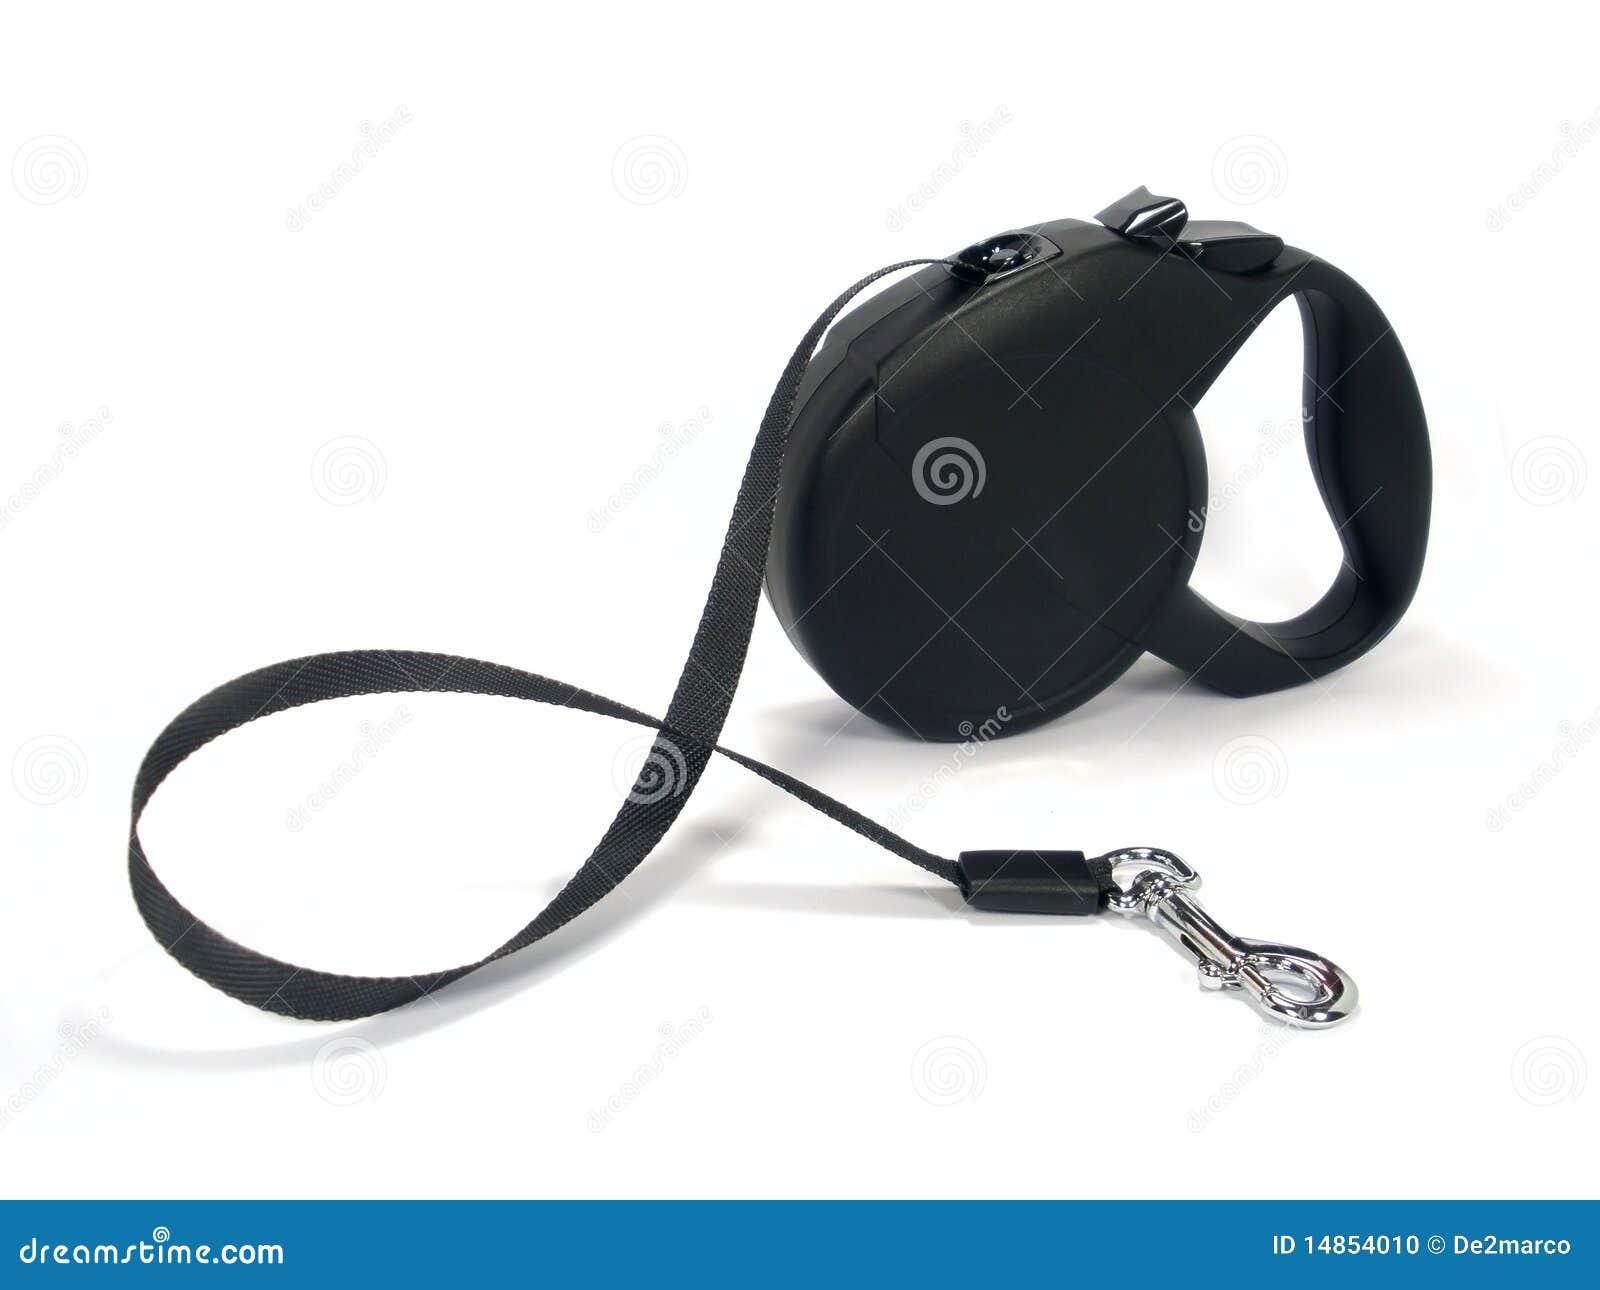 Retractable tape leash